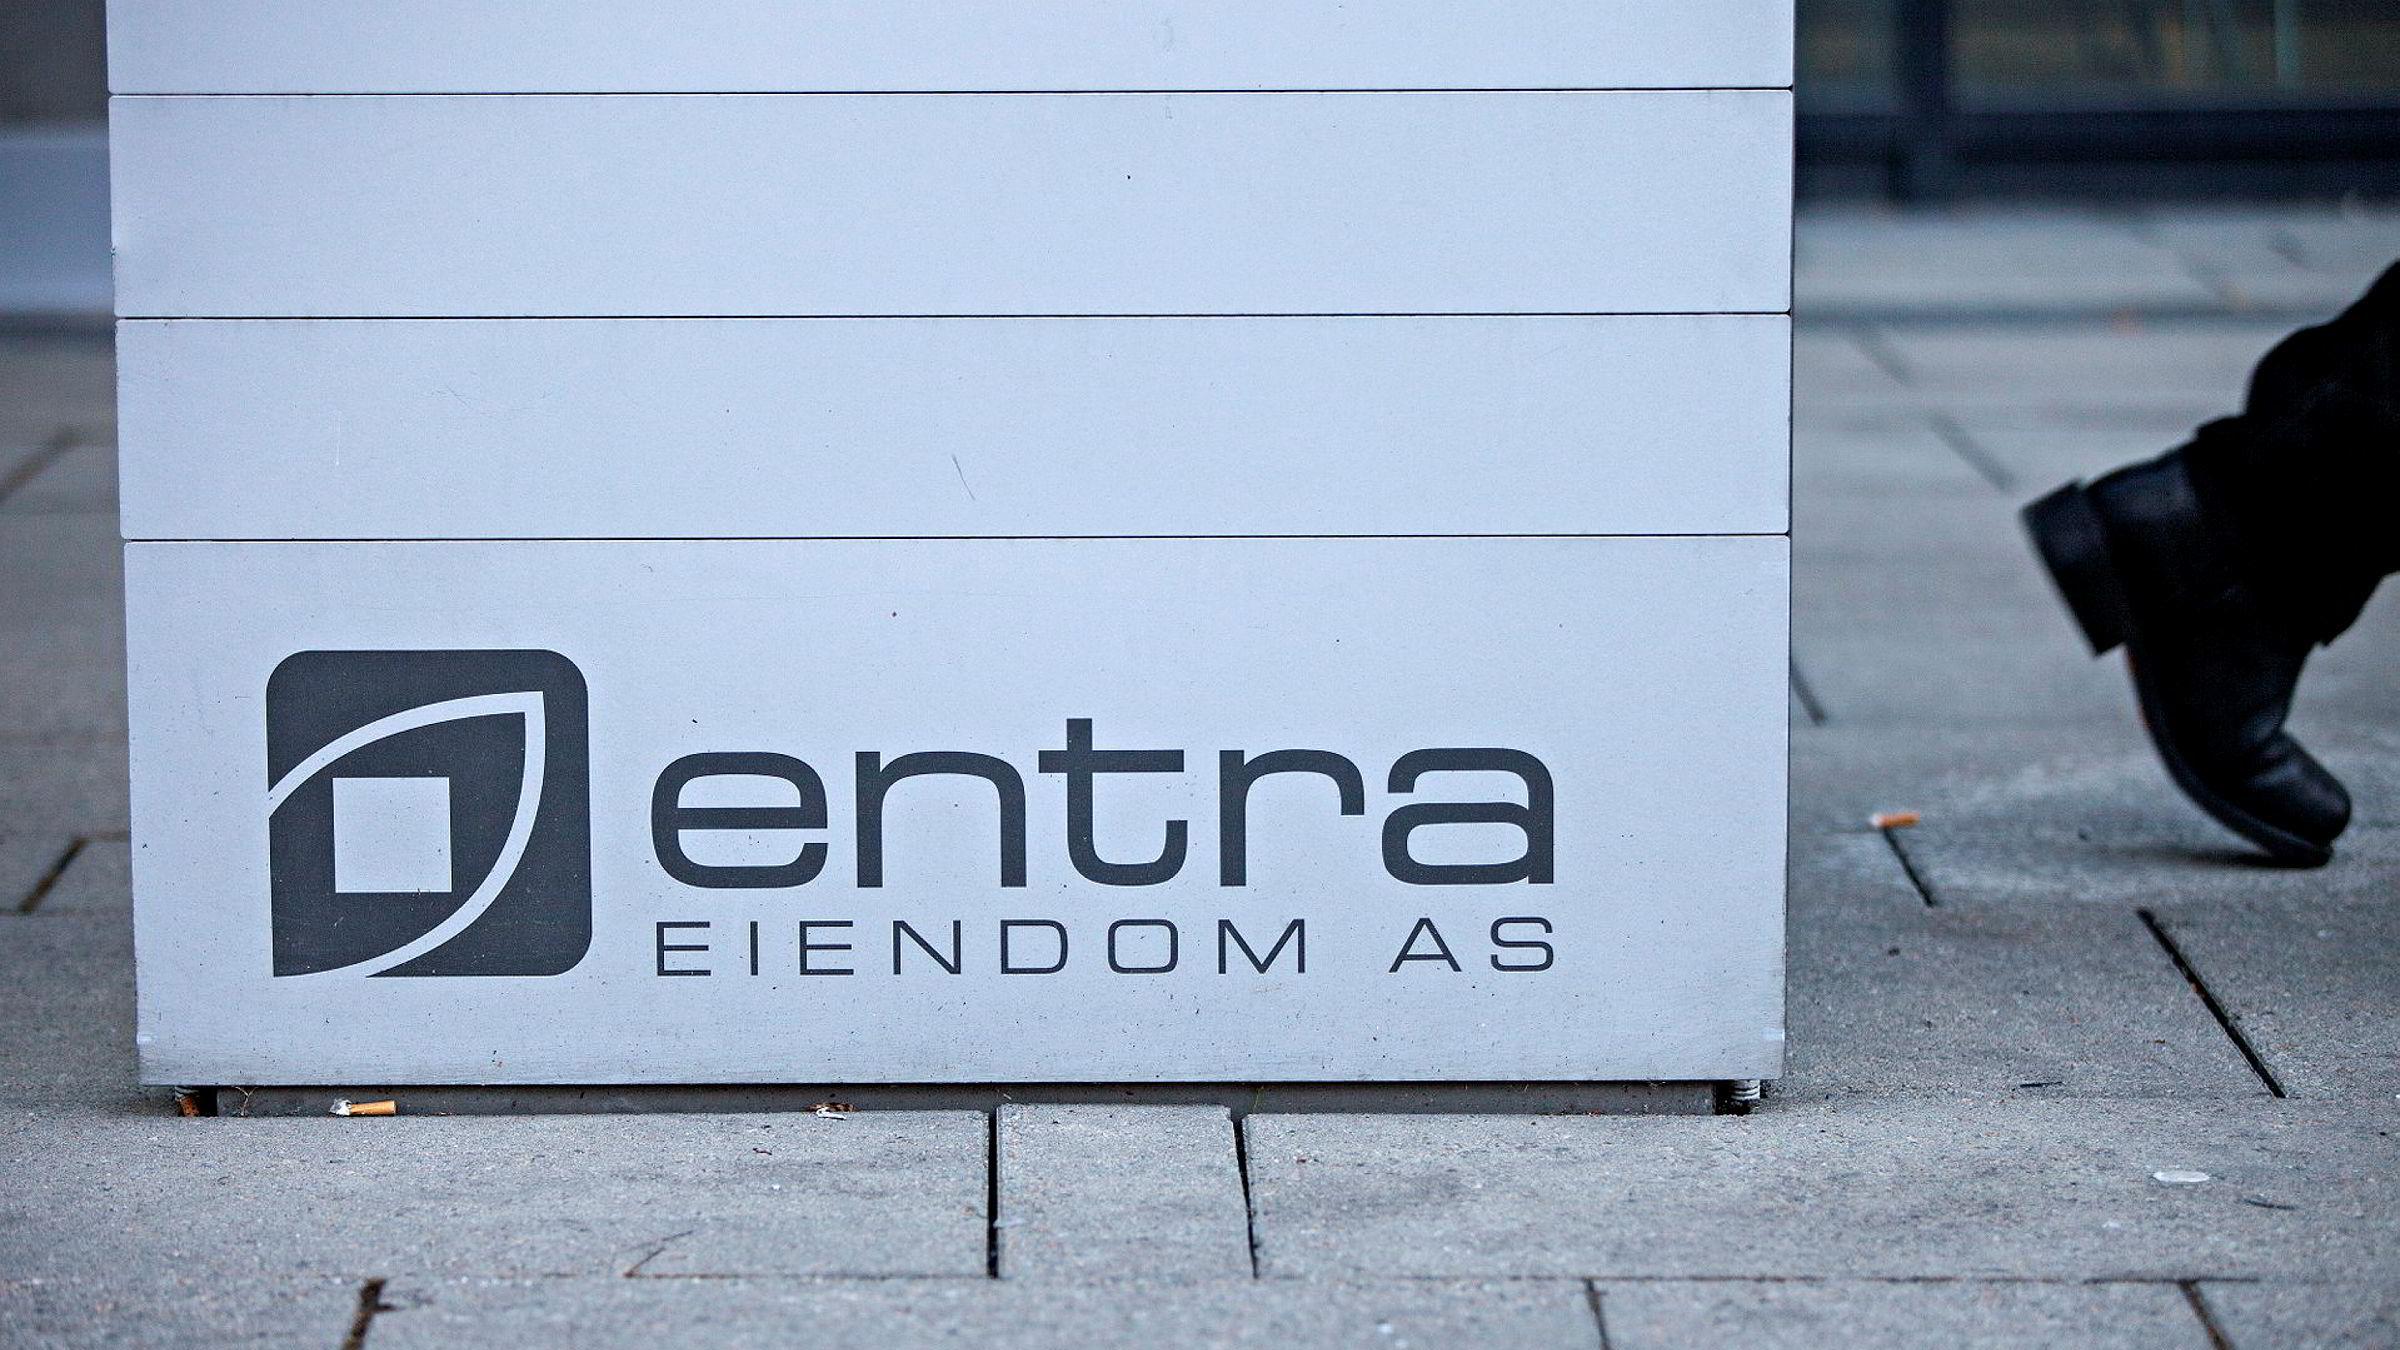 Oslo 20121011. Selskapet Entra Eiendom AS sine lokaler i Oslo sentrum torsdag.Foto: Thomas Winje Øijord / NTB scanpix Foto: Øijord, Thomas Winje